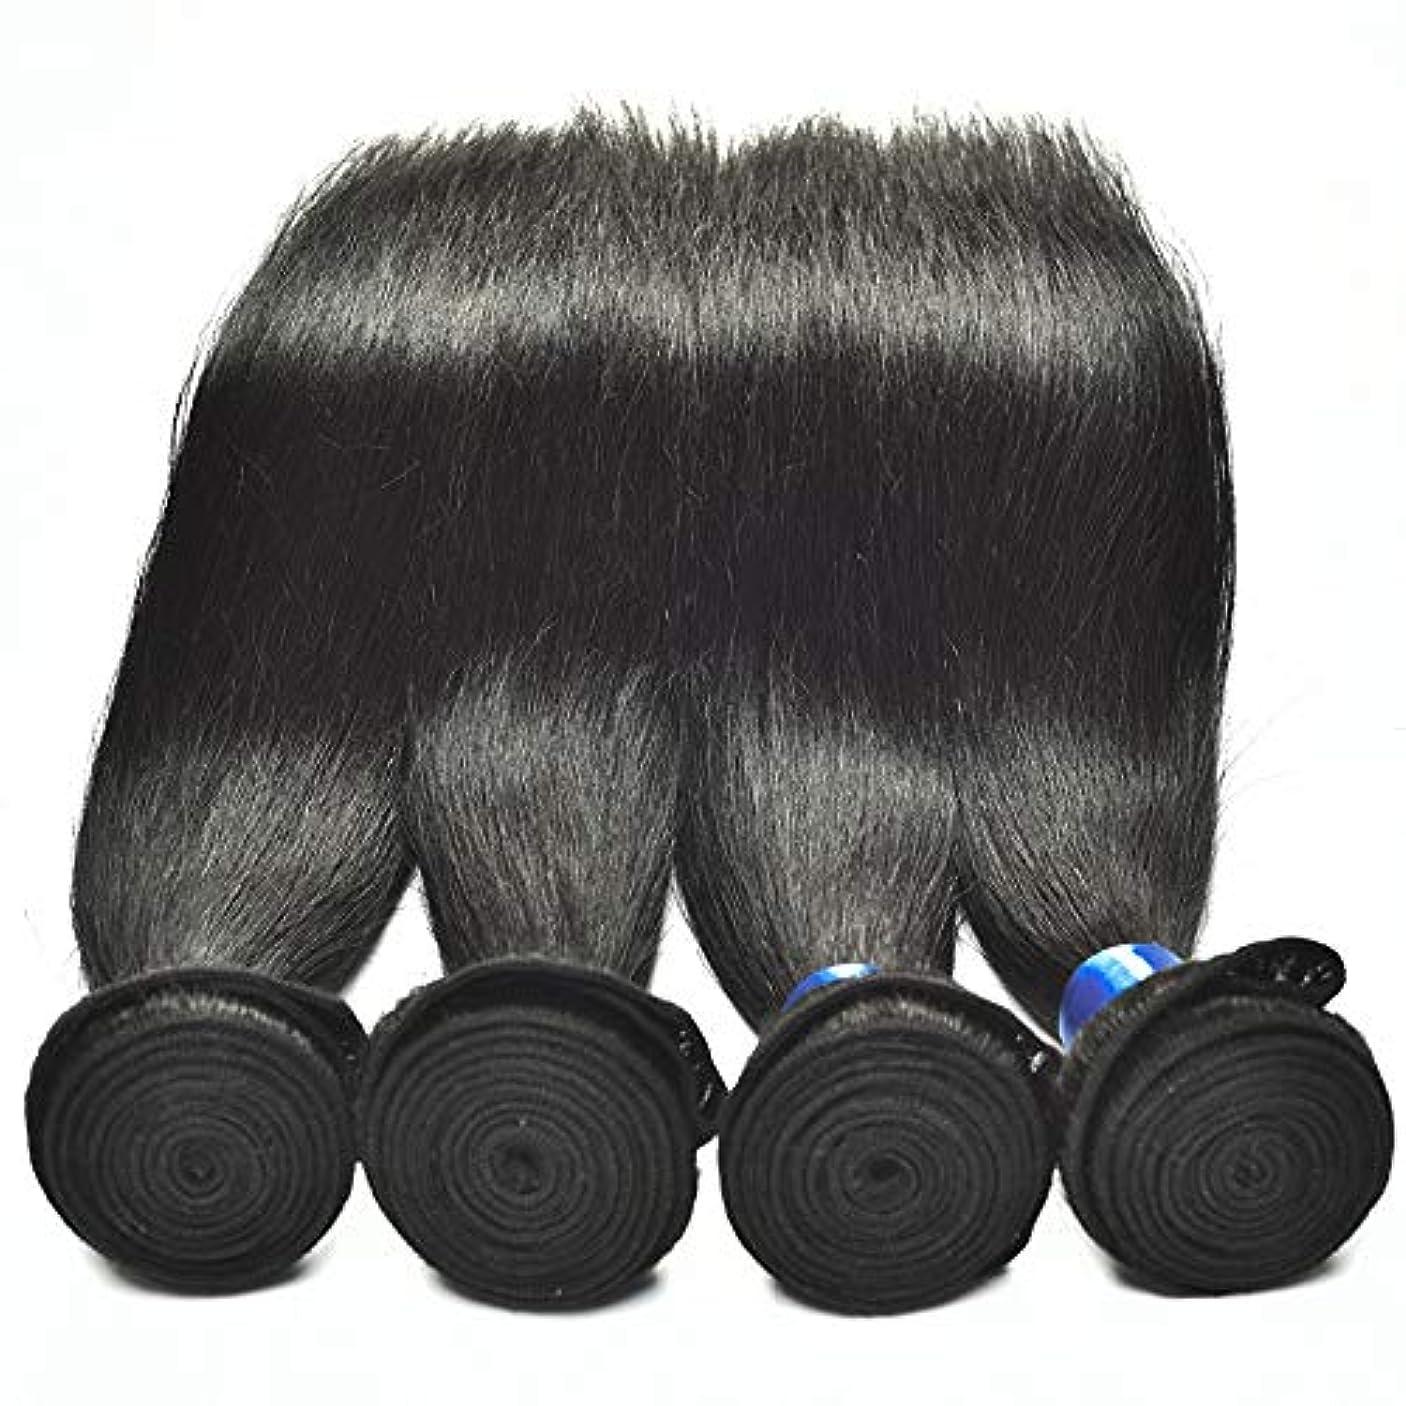 長くするあなたは少し女性の髪織り150%密度8aグレードブラジルバージンヘアストレートレミー髪1バンドルレミー人間の髪の毛の織り